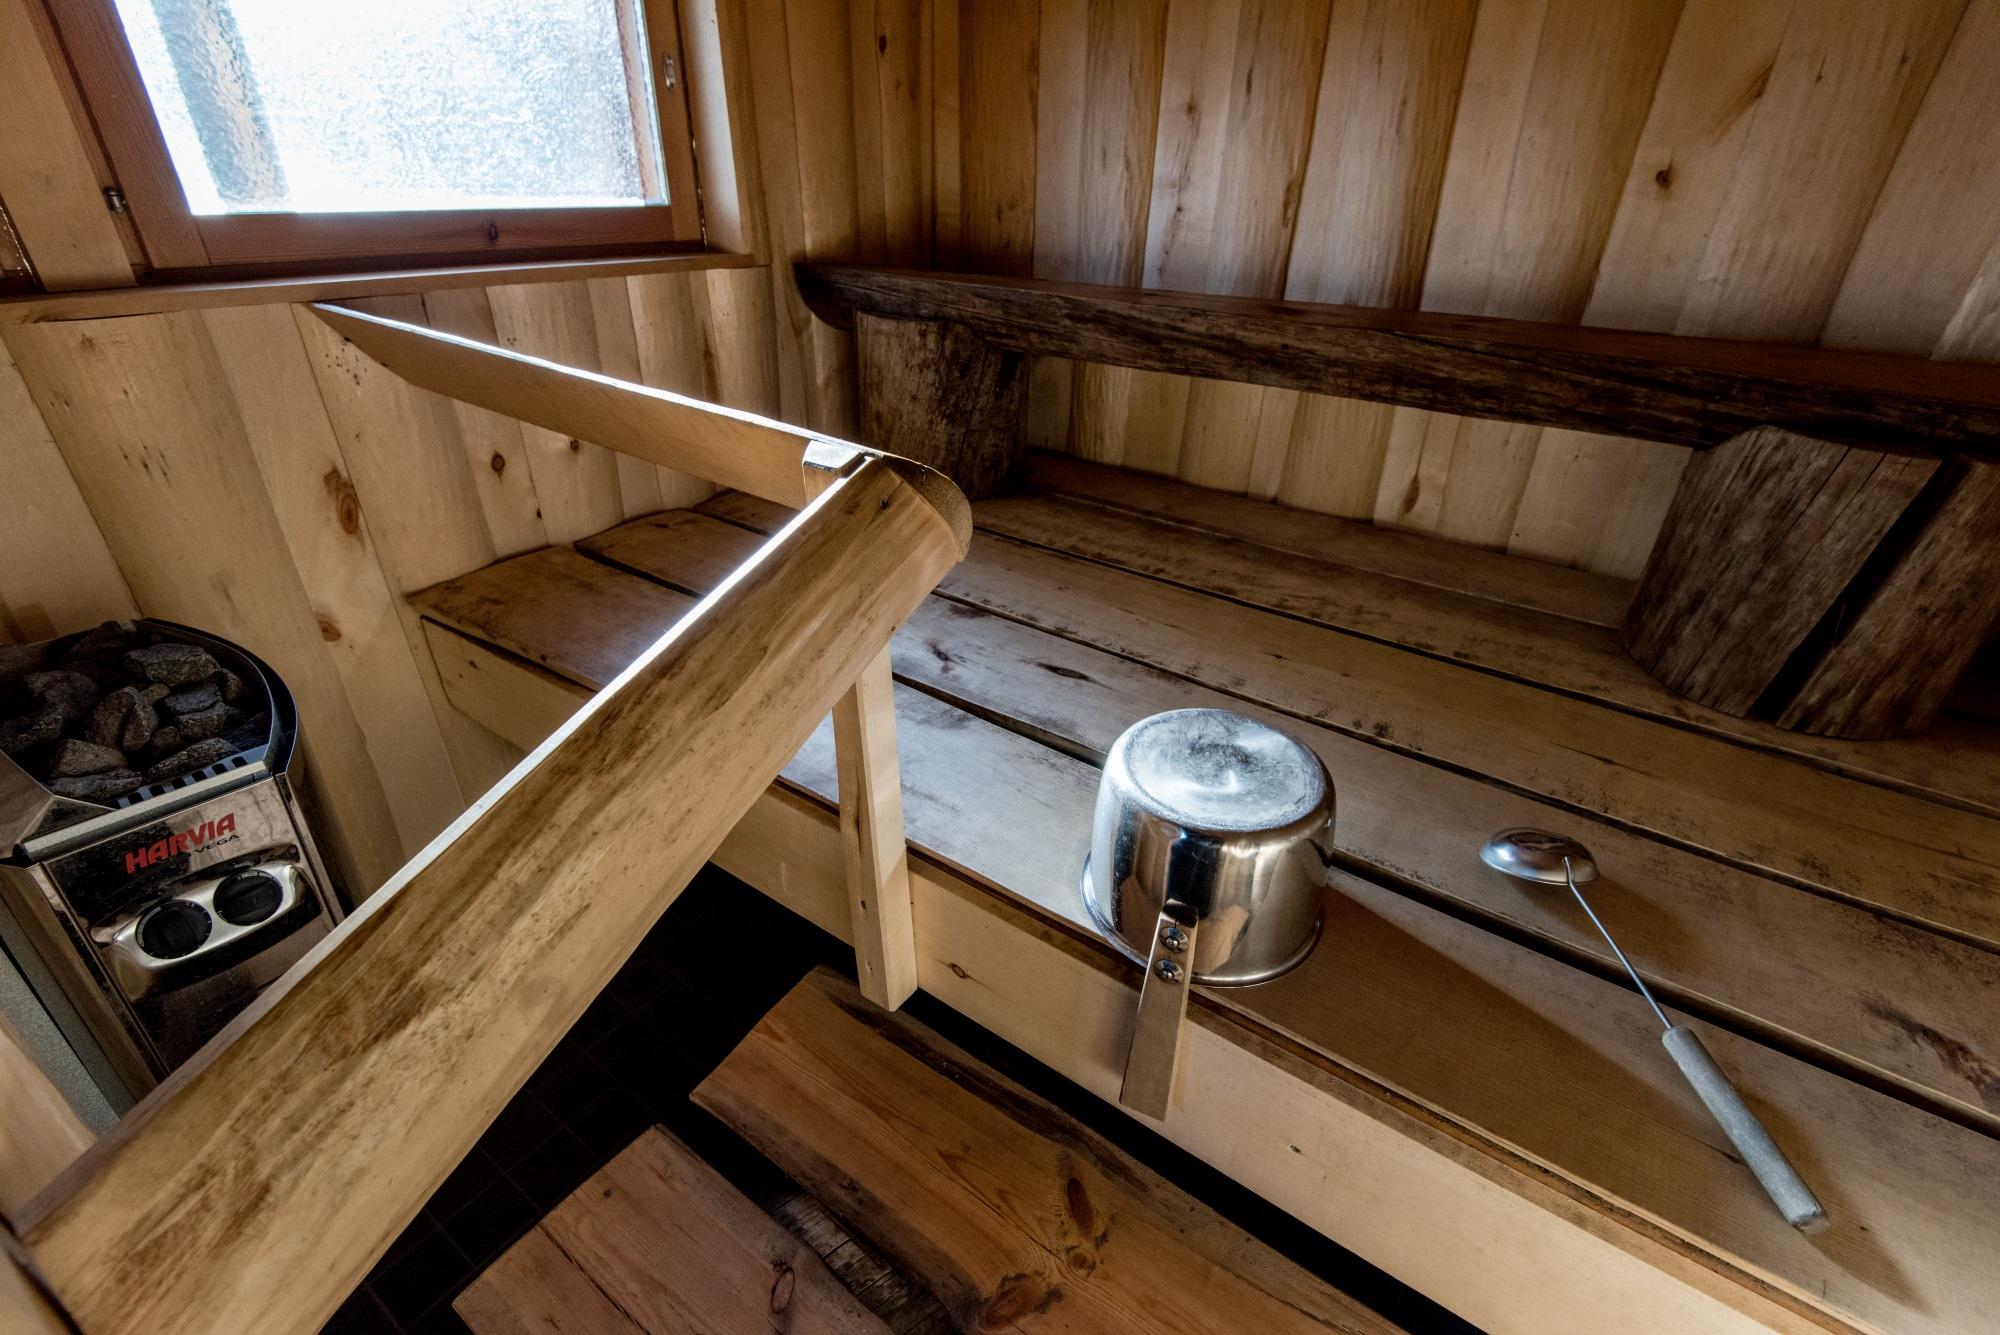 finnland sauna urlaub freizeitbesch ftigung und lebensphilosophie visit saimaa. Black Bedroom Furniture Sets. Home Design Ideas